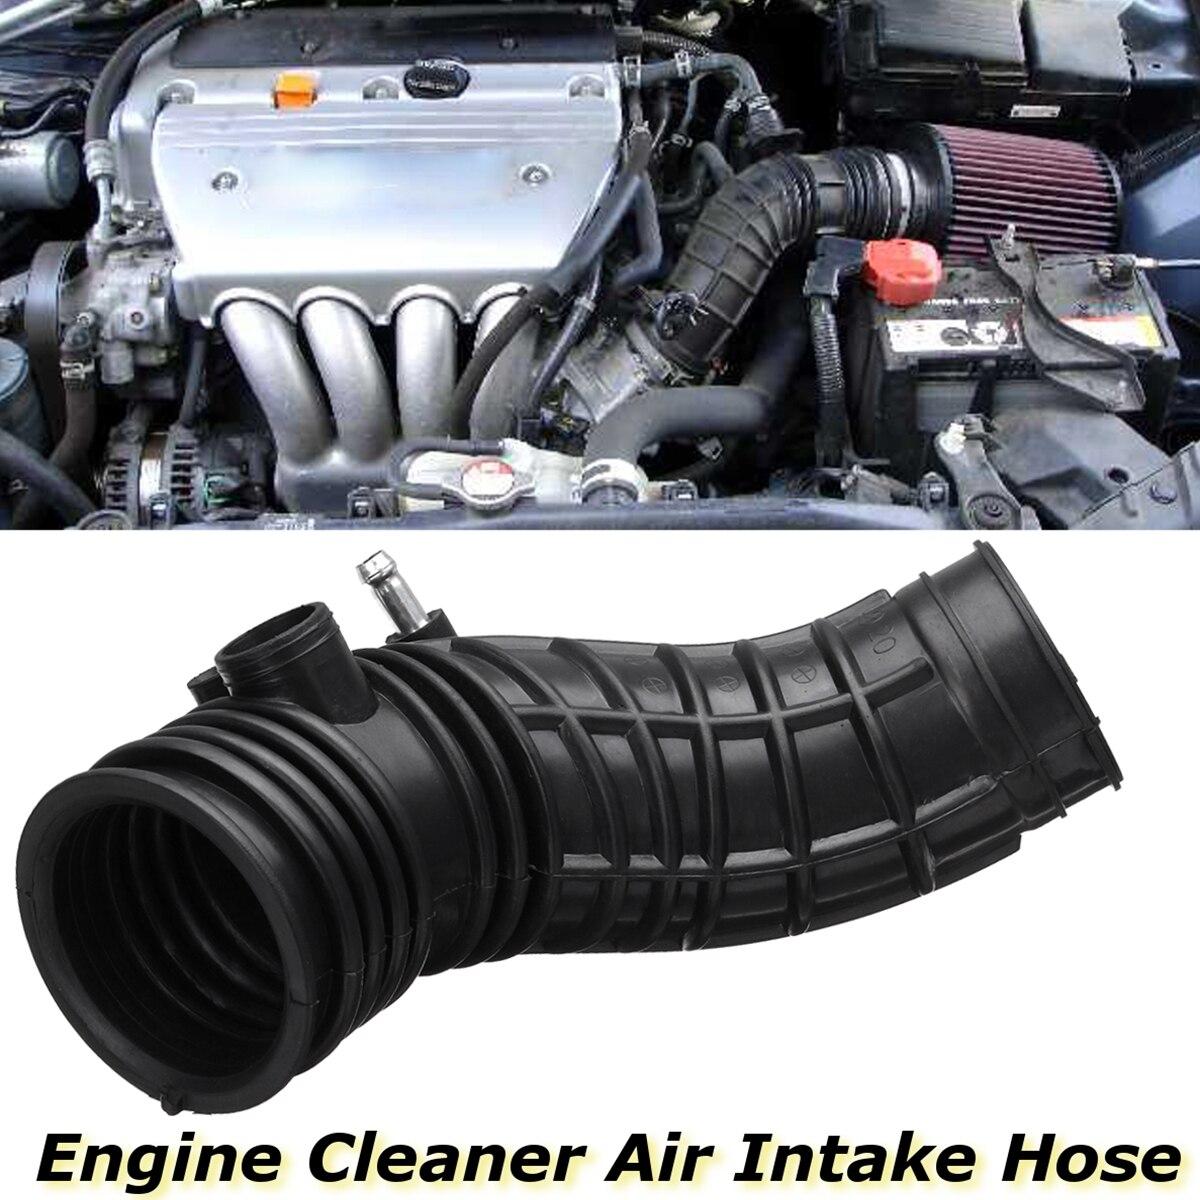 Para Acura TSX 2004 2005 2006 2007 2008 AIH551078H, manguera de admisión de aire de limpiador de goma para motor de coche